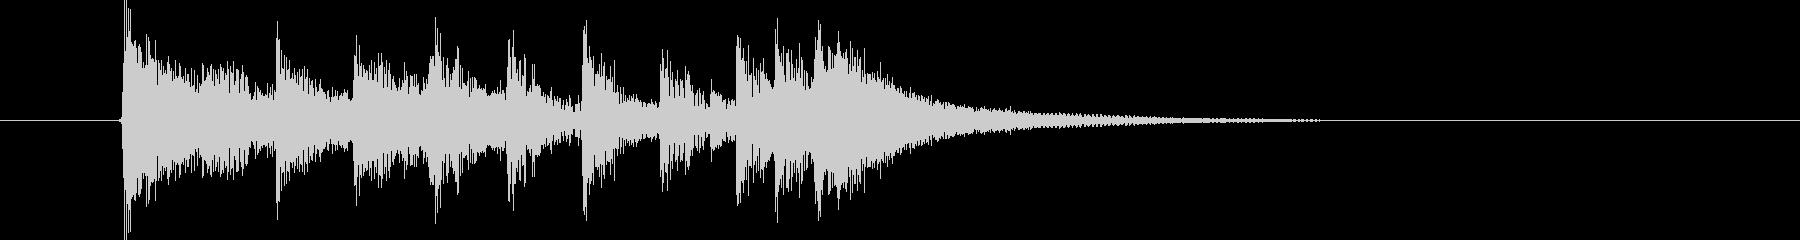 シンセによる緊迫感のある短いサウンドの未再生の波形